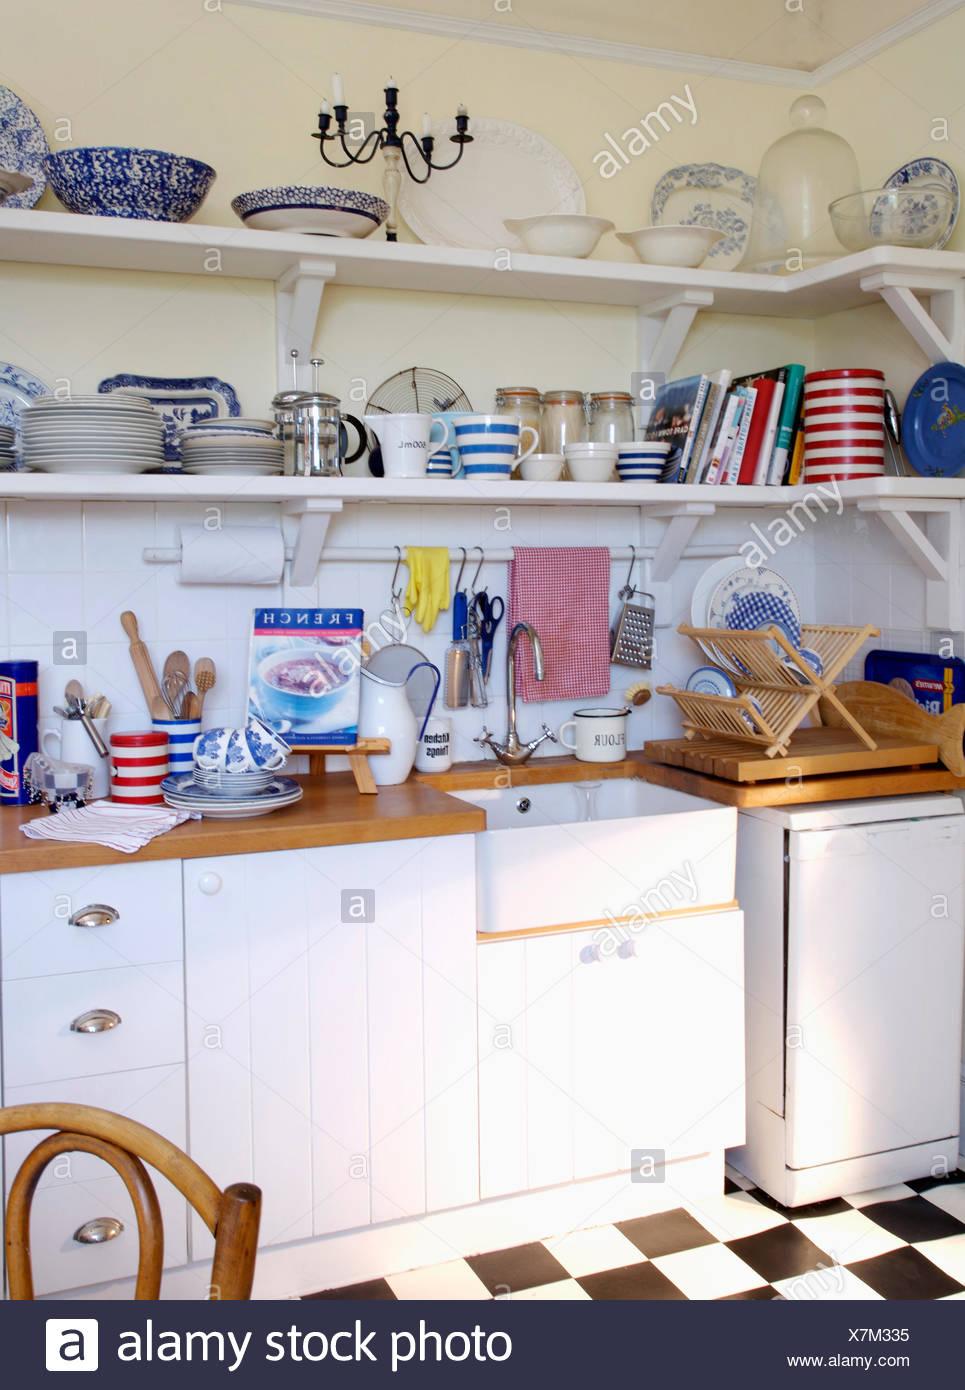 Crockery on shelves above white ceramic sink in white ...